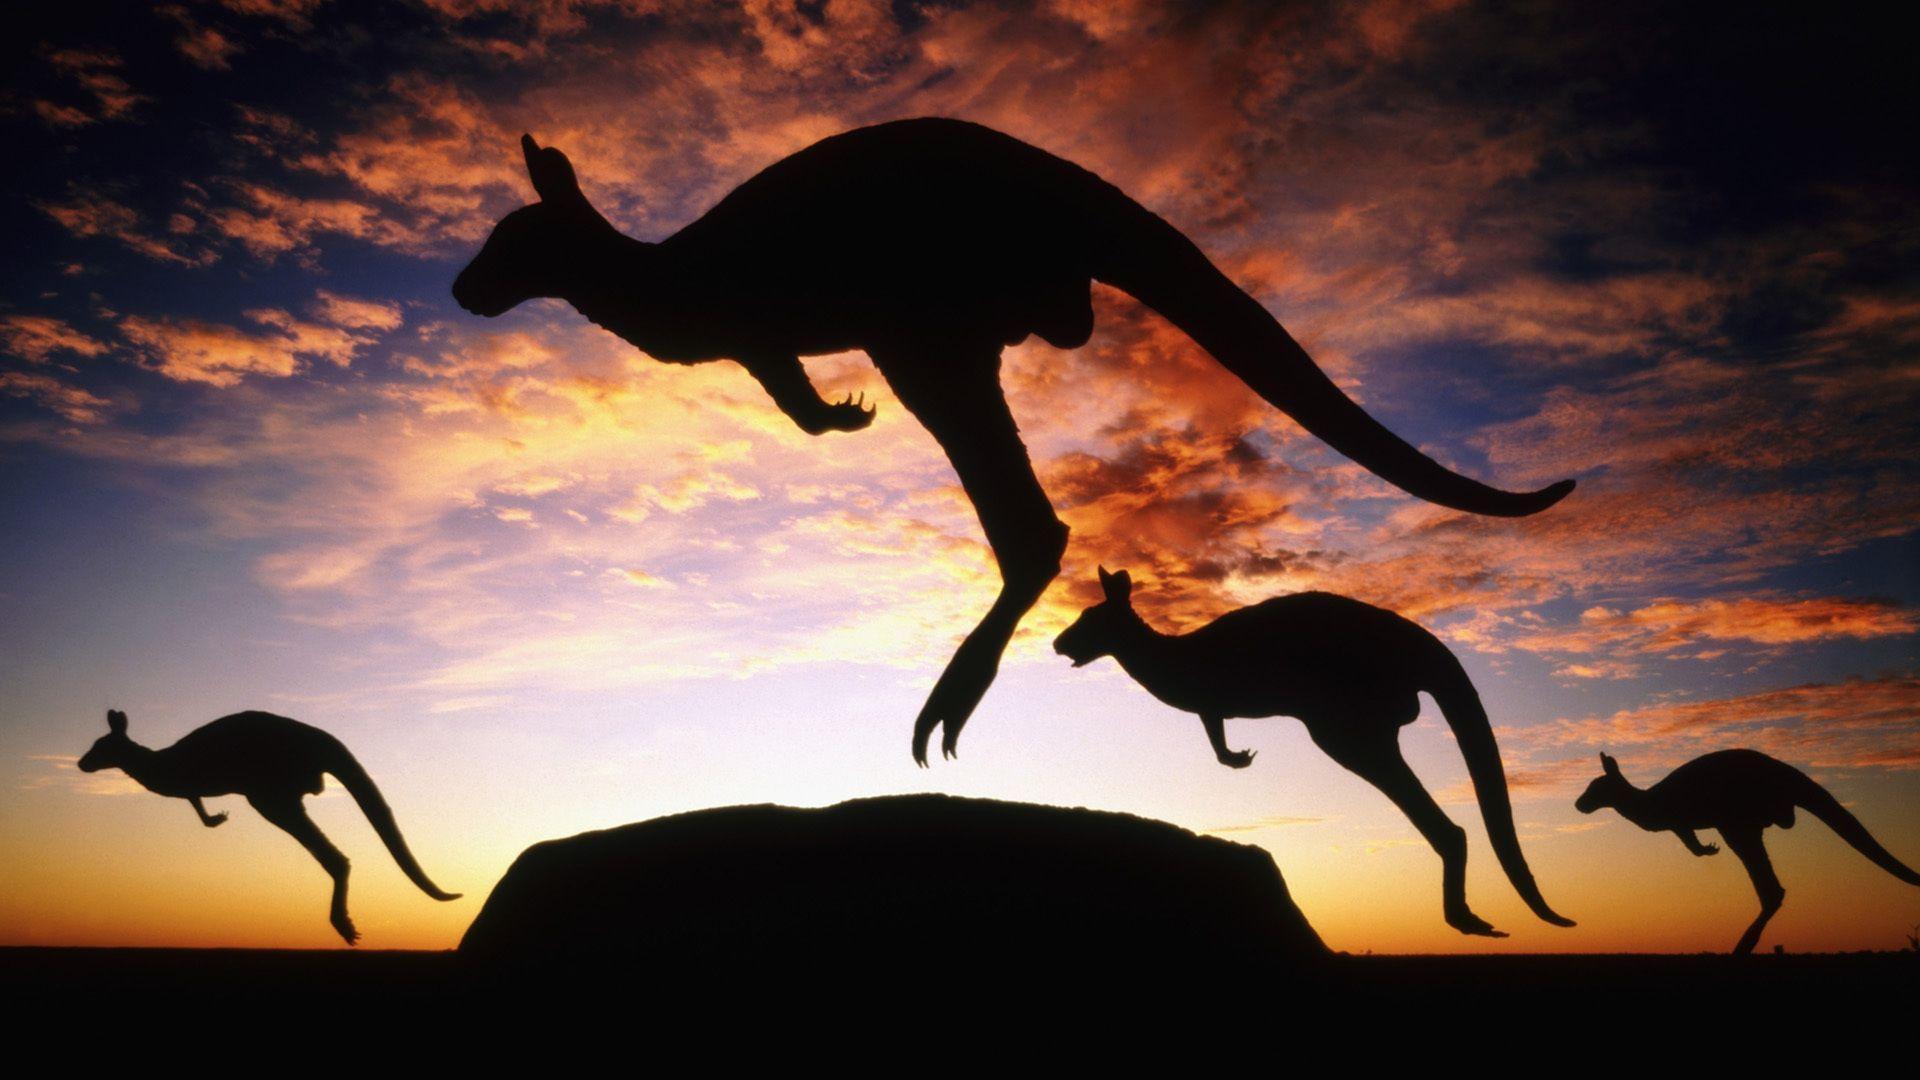 kangaroo HD Wallpaper Free Download | HD Free Wallpapers Download